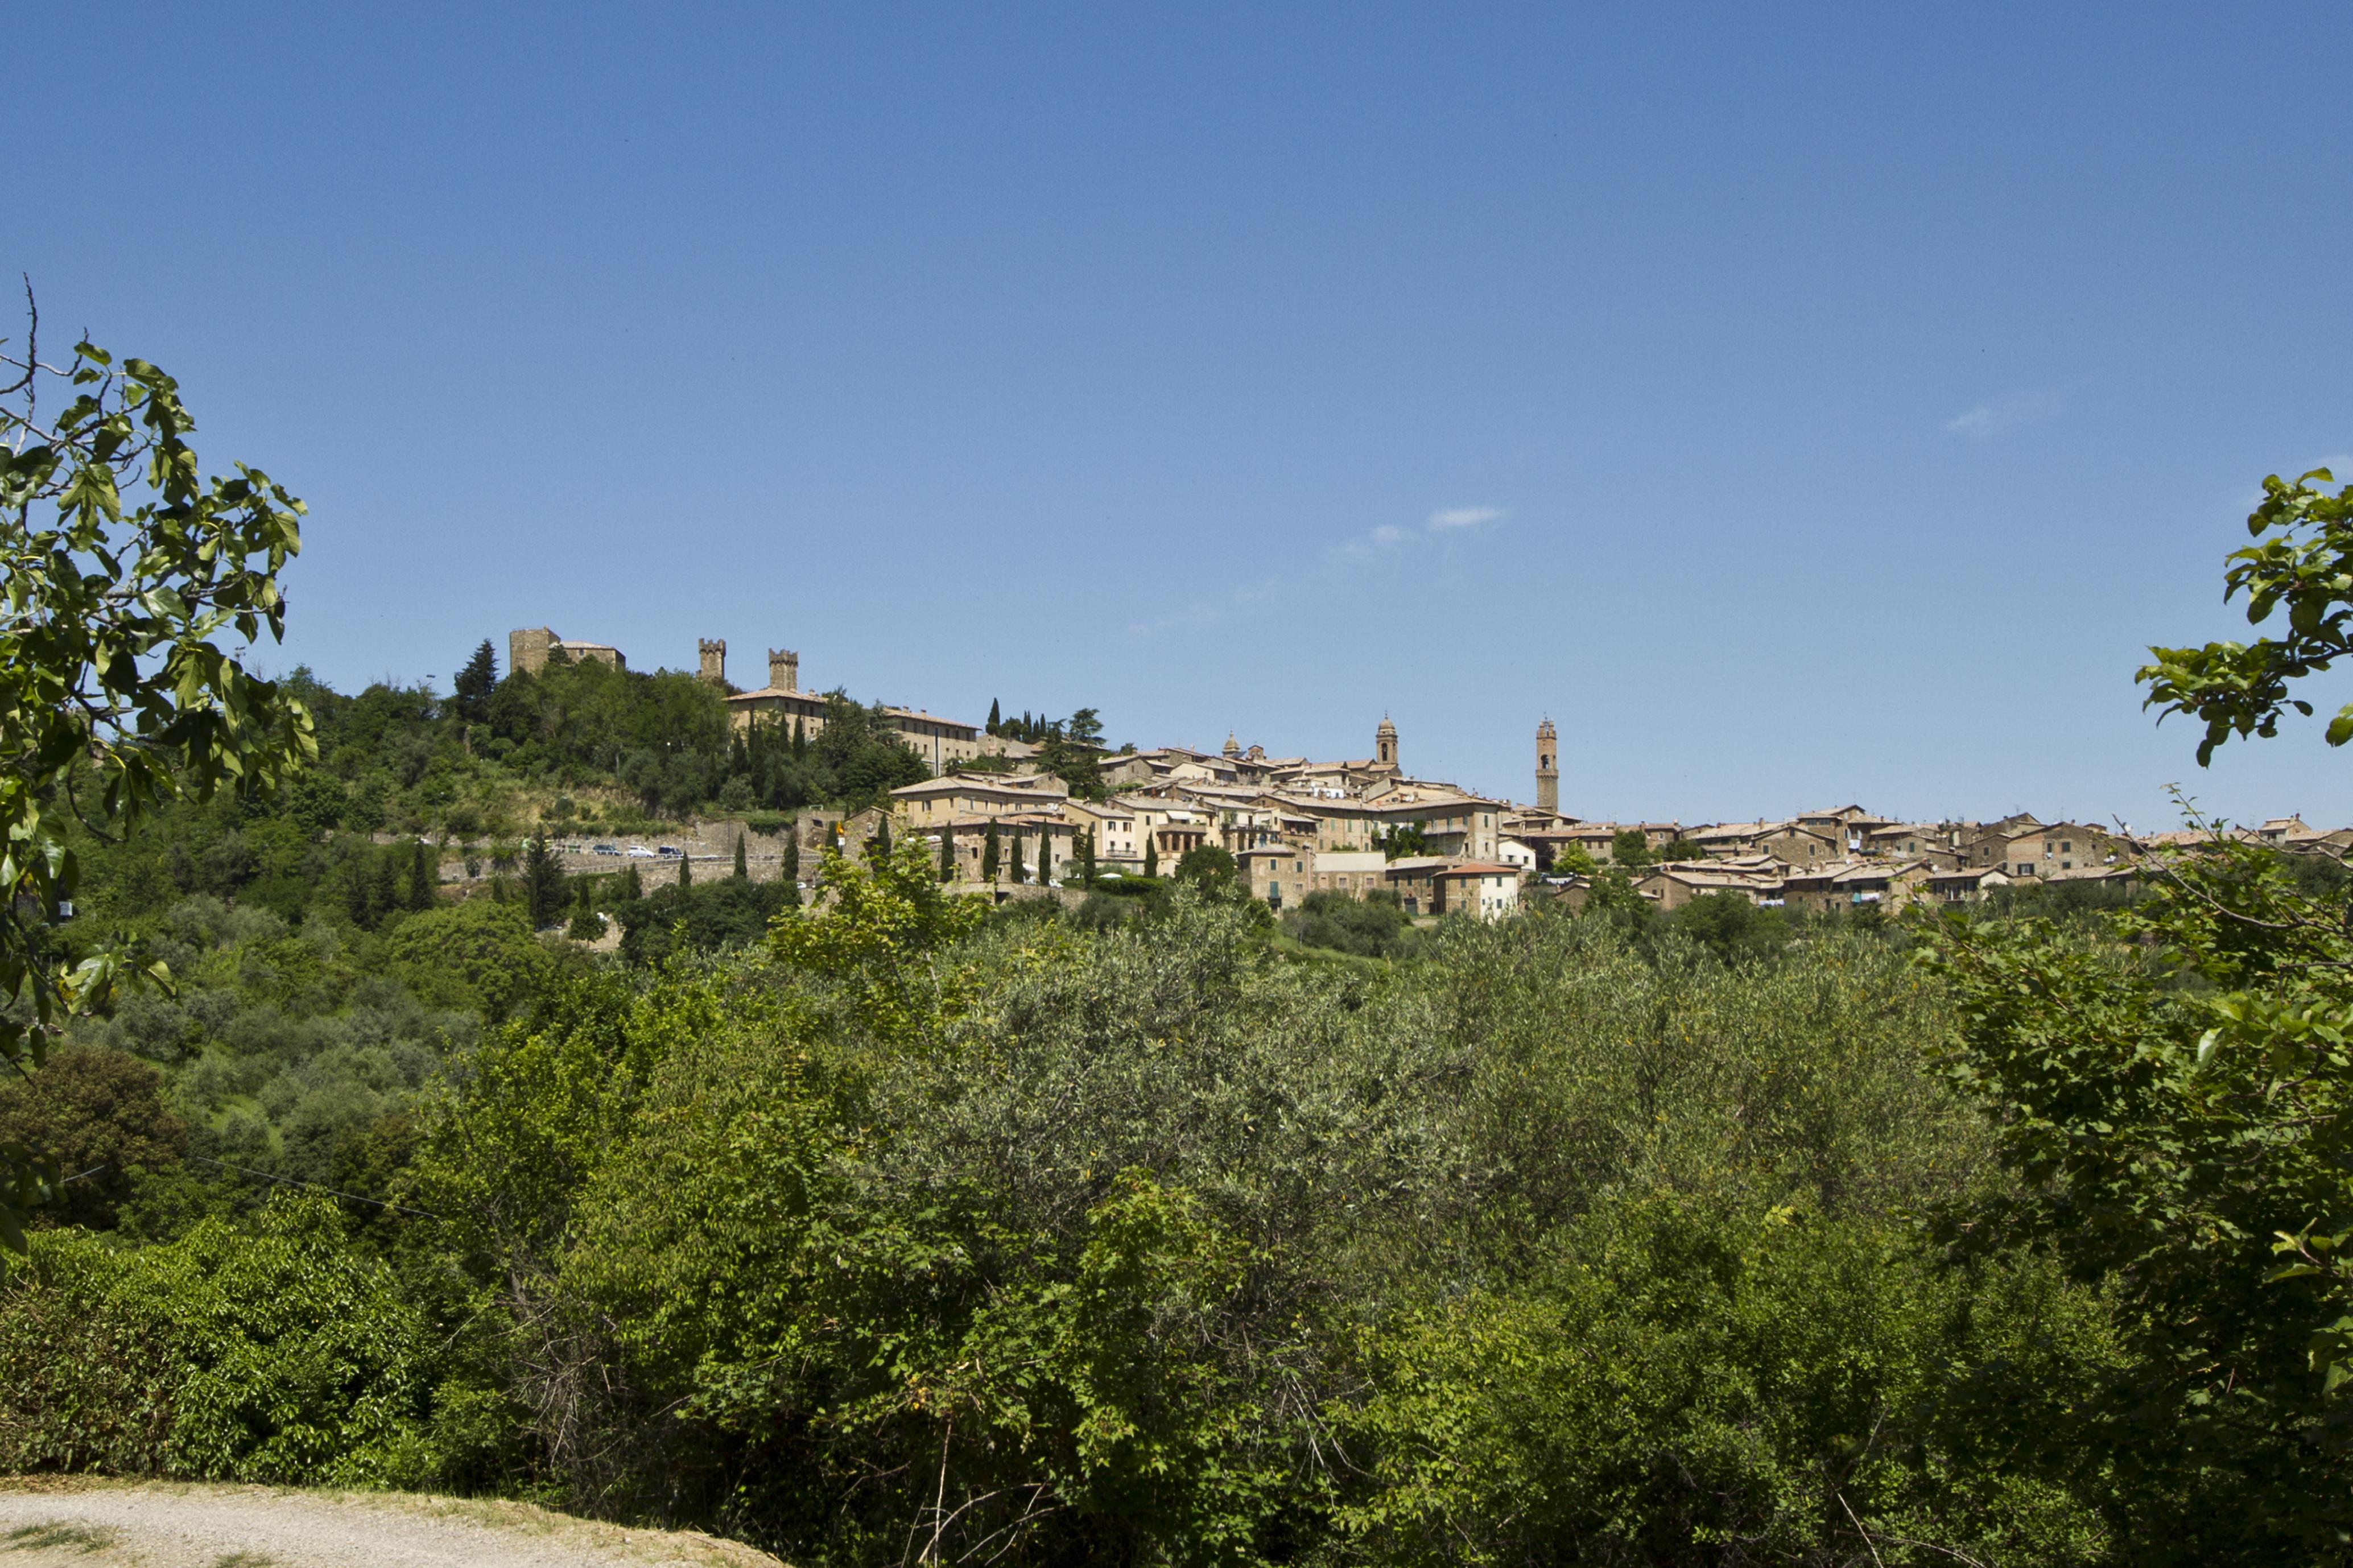 Montalcino, Province of Siena, Tuscany, Italy